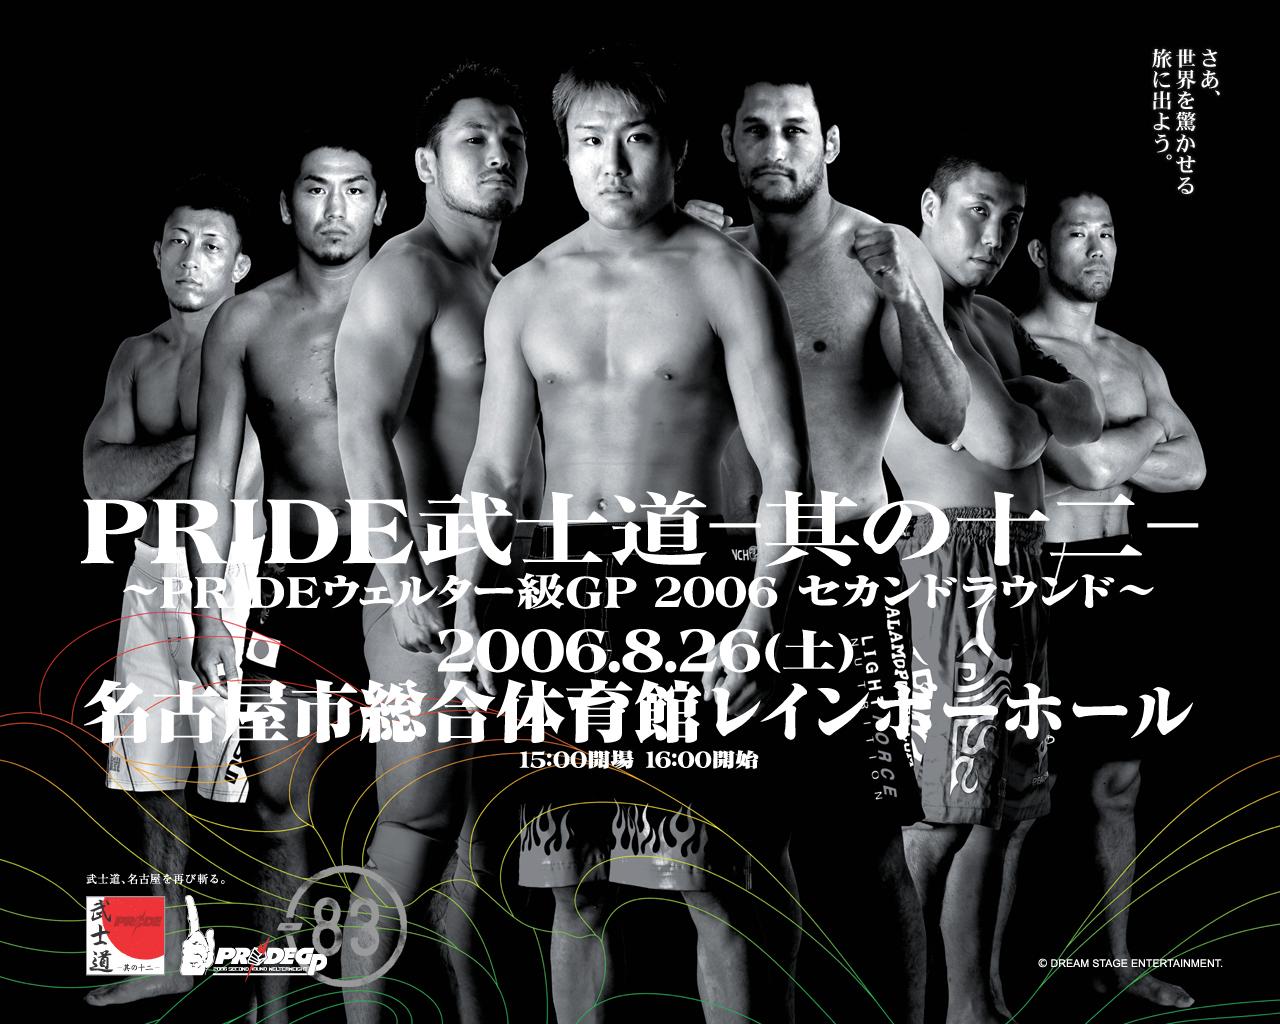 Pride_Bushido_12_event_poster